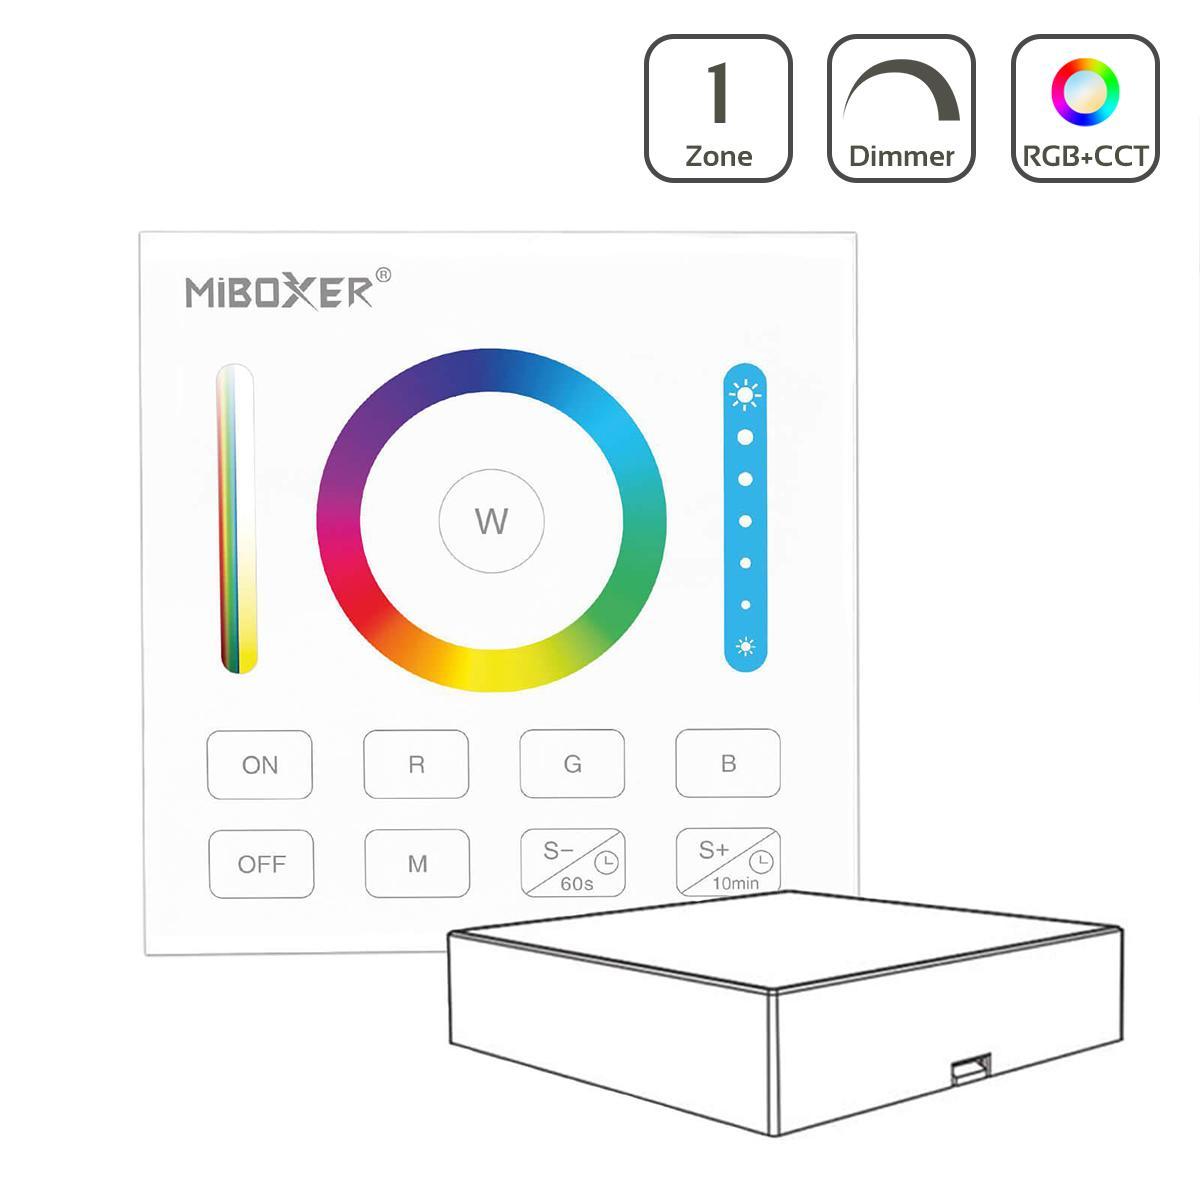 MiBoxer RGB+CCT Wandschalter 1 Kanal Aufbau Dimmen Schalten Farbsteuerung batteriebetrieben B0